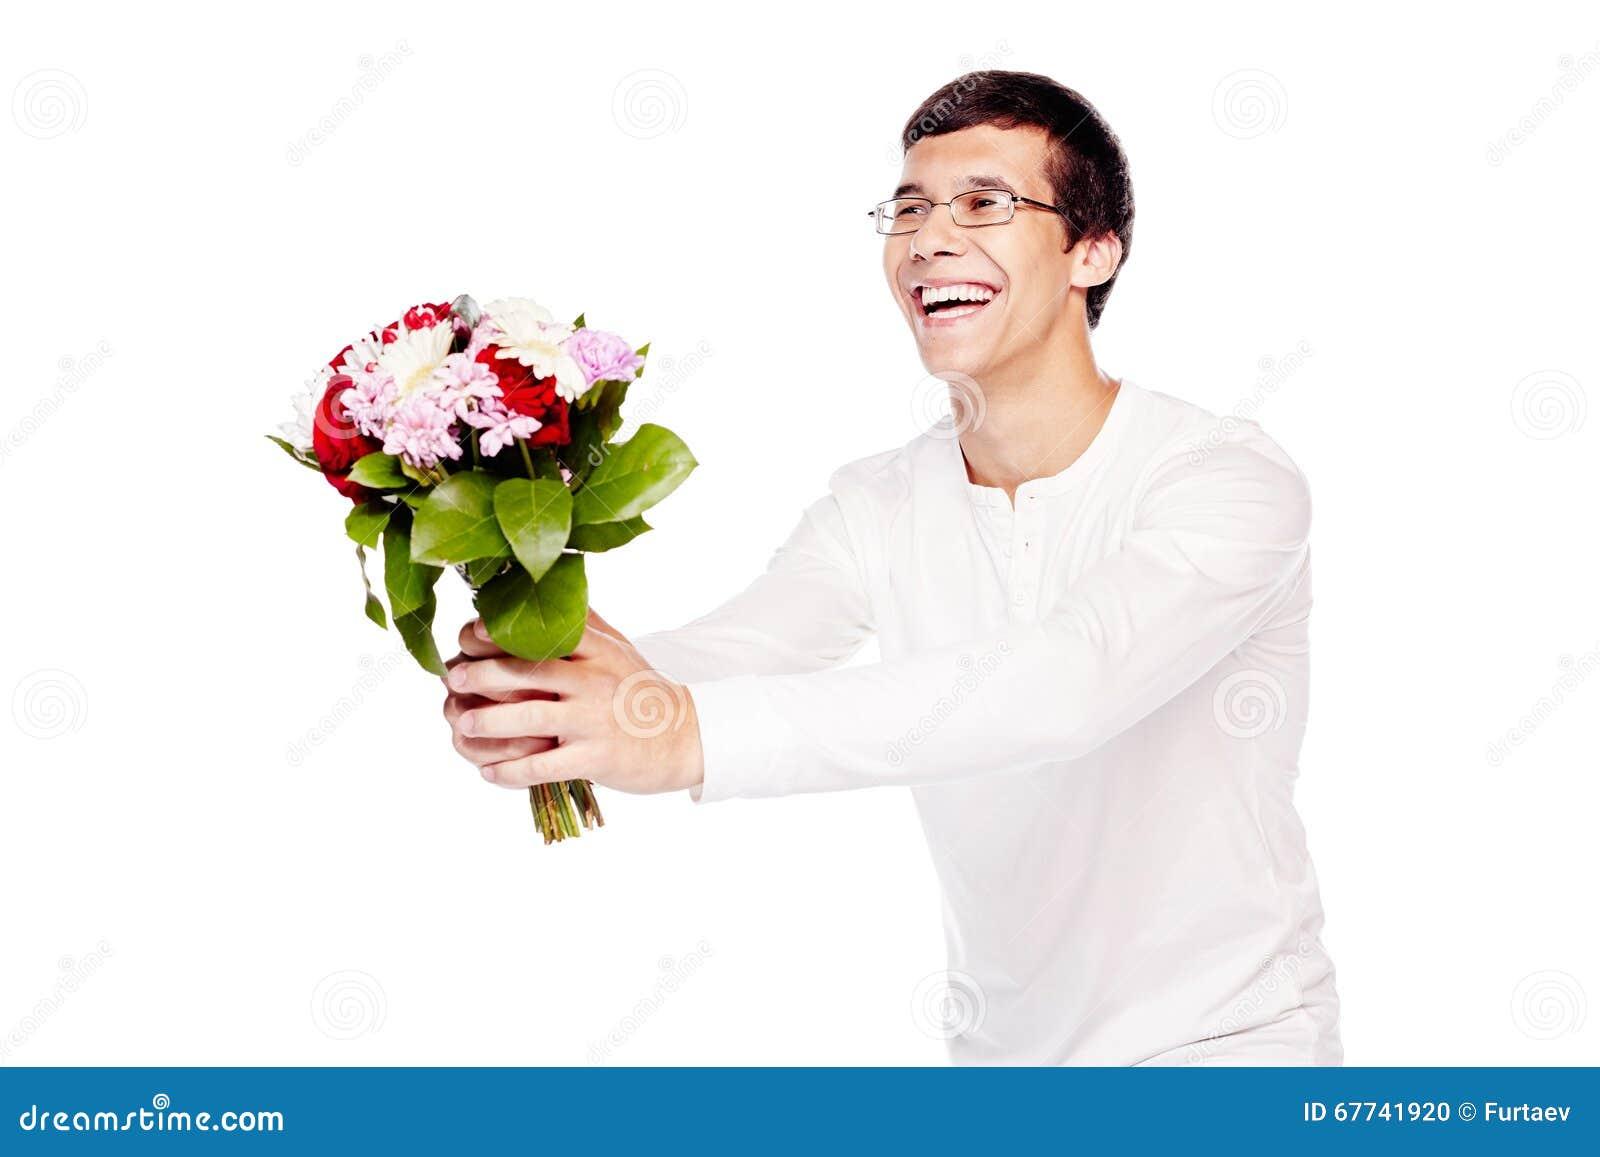 bloemen geven